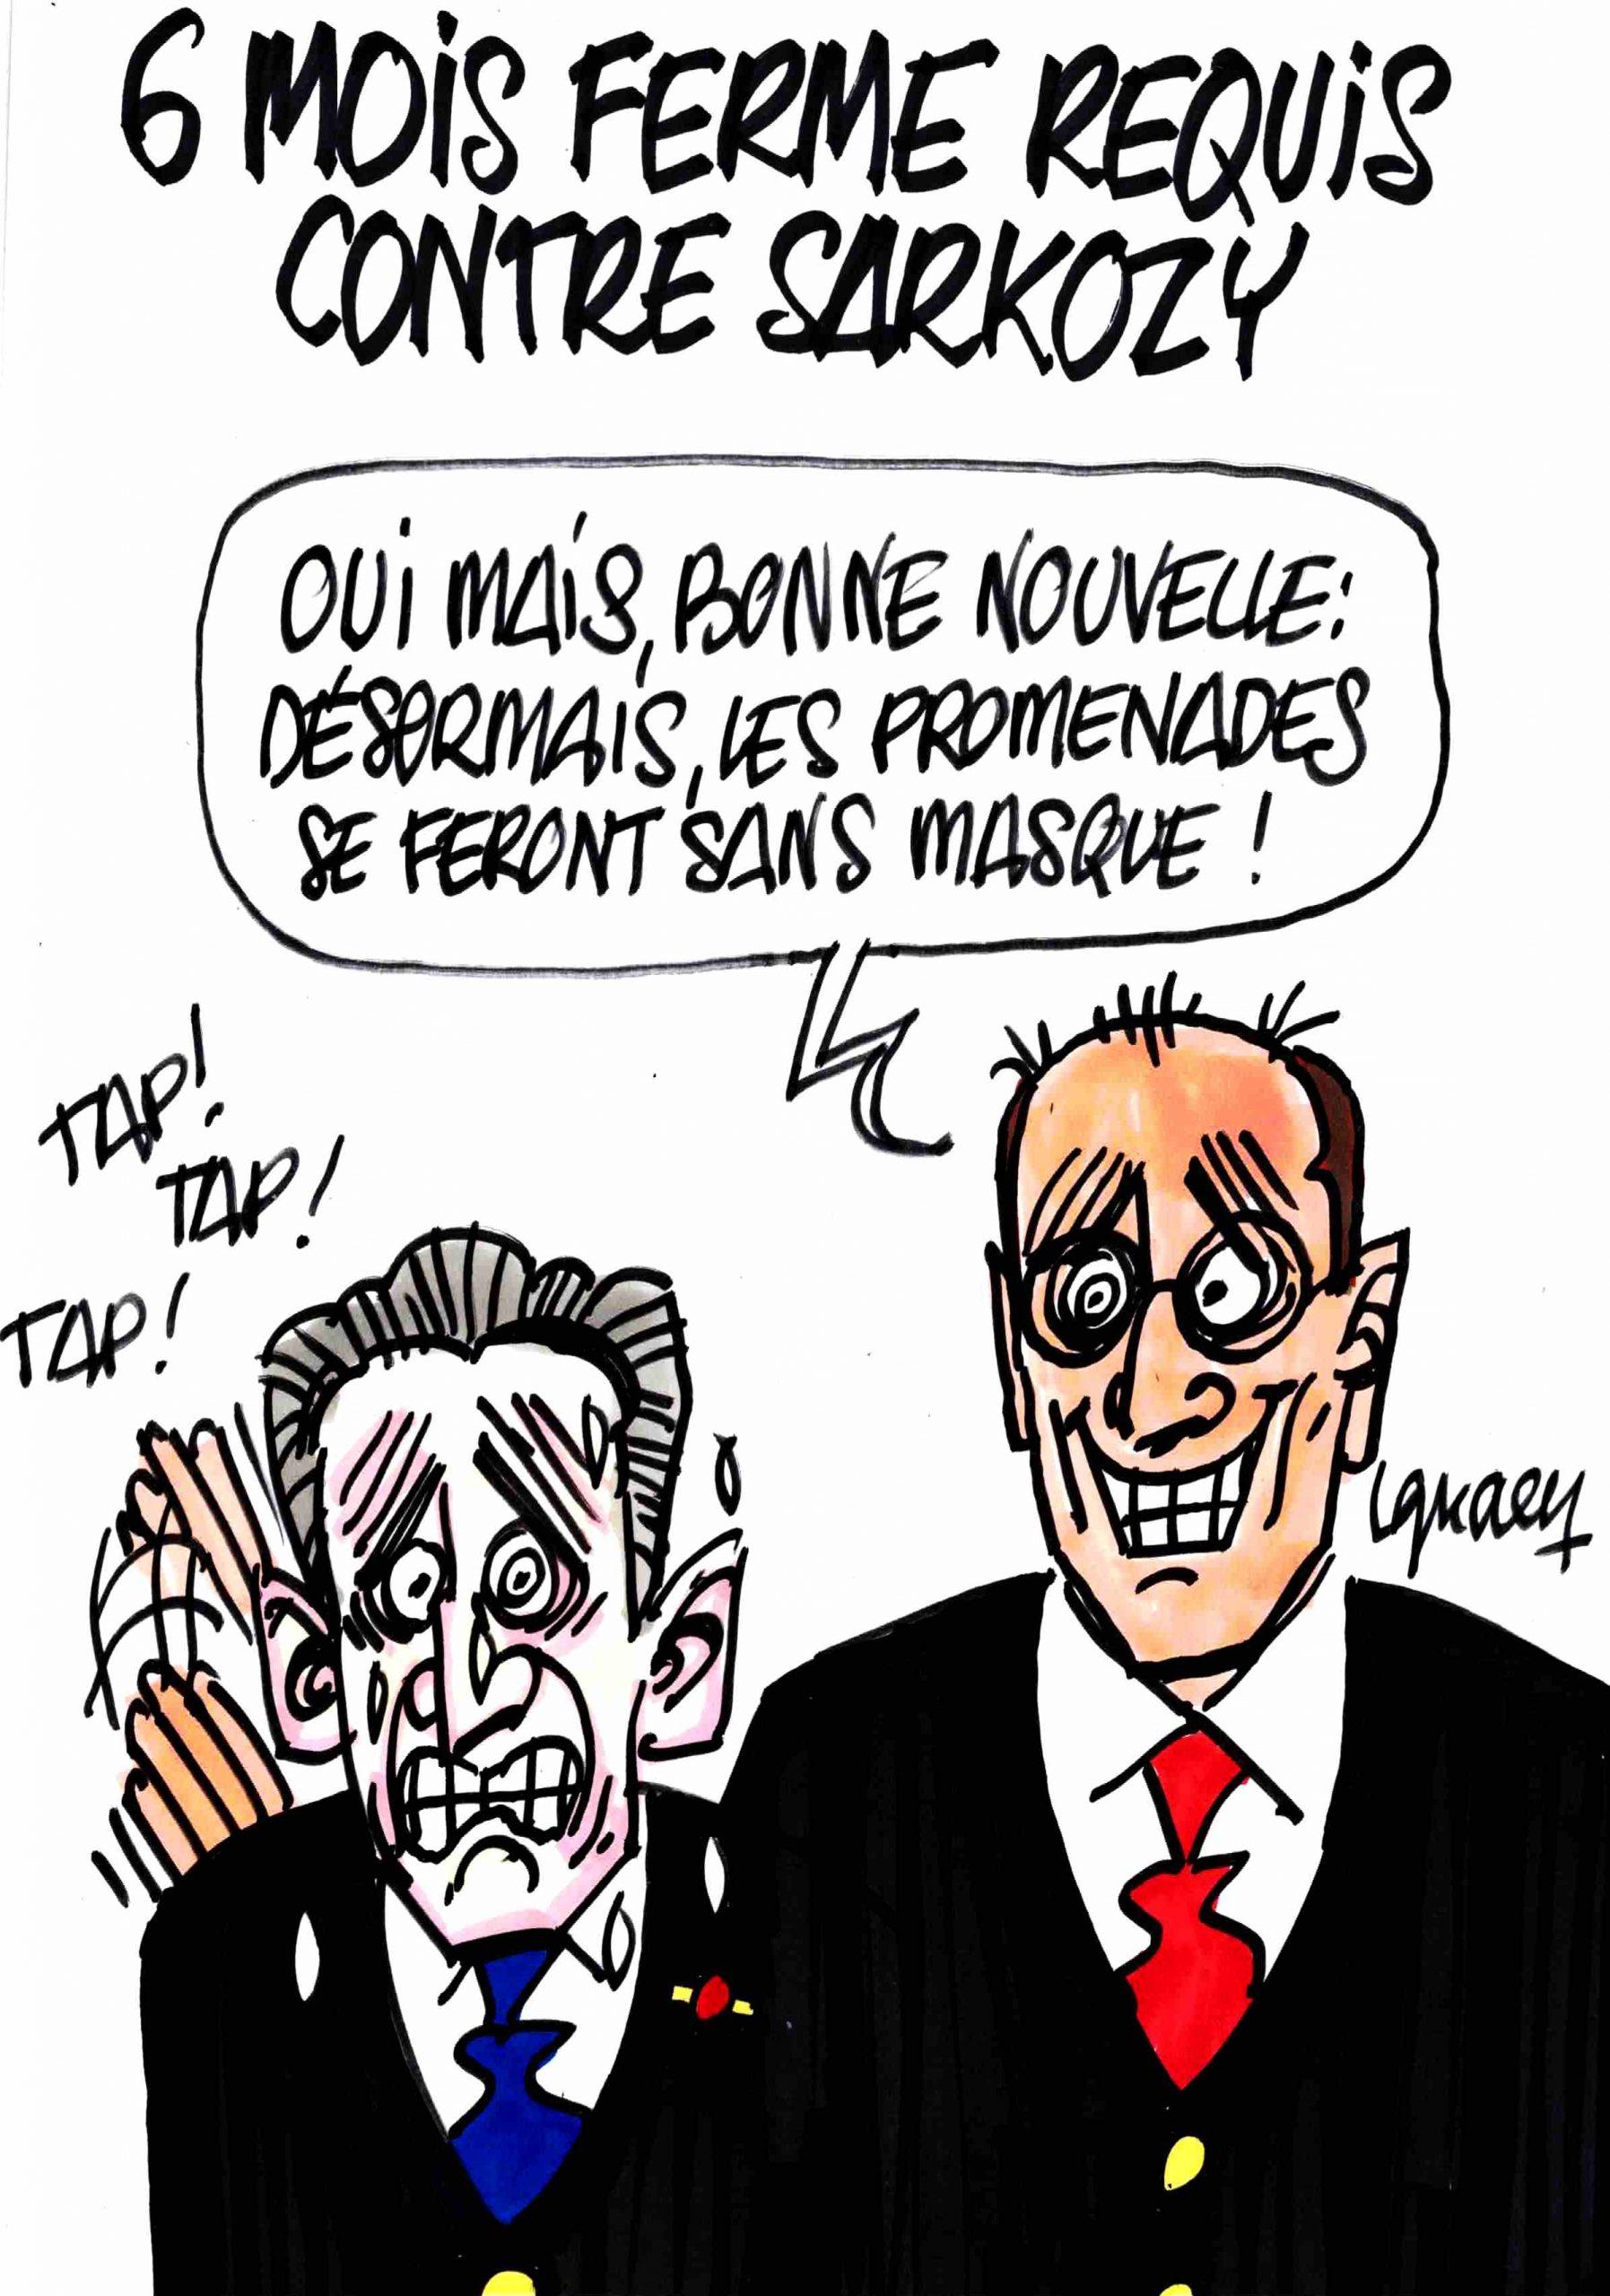 Ignace - Six mois ferme requis contre Sarkozy